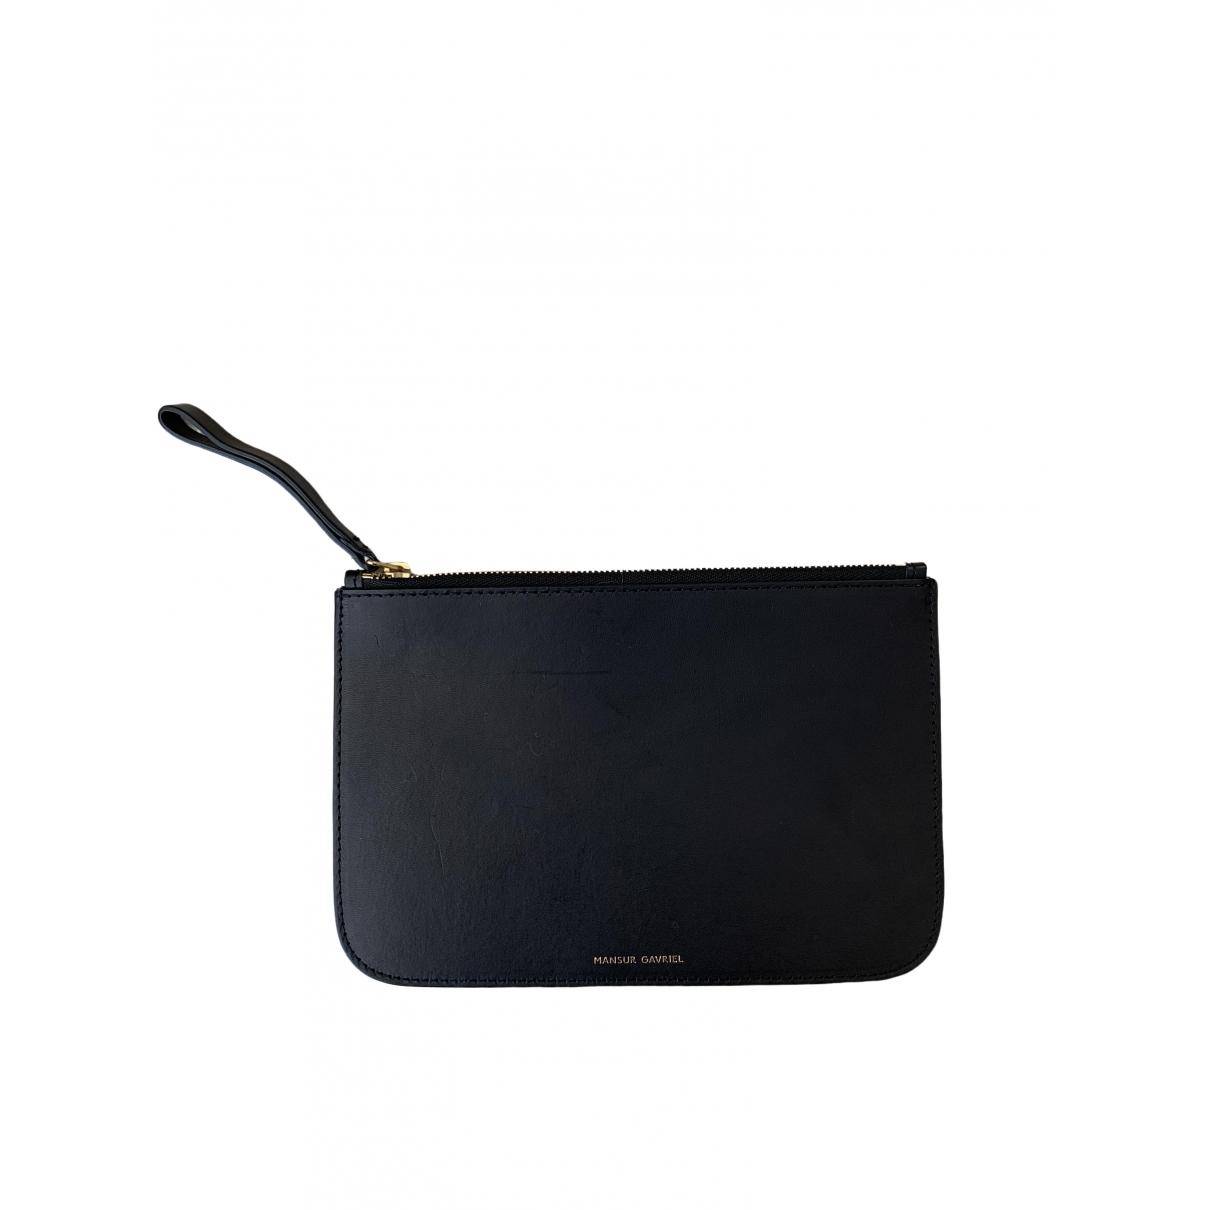 Mansur Gavriel \N Black Leather Clutch bag for Women \N